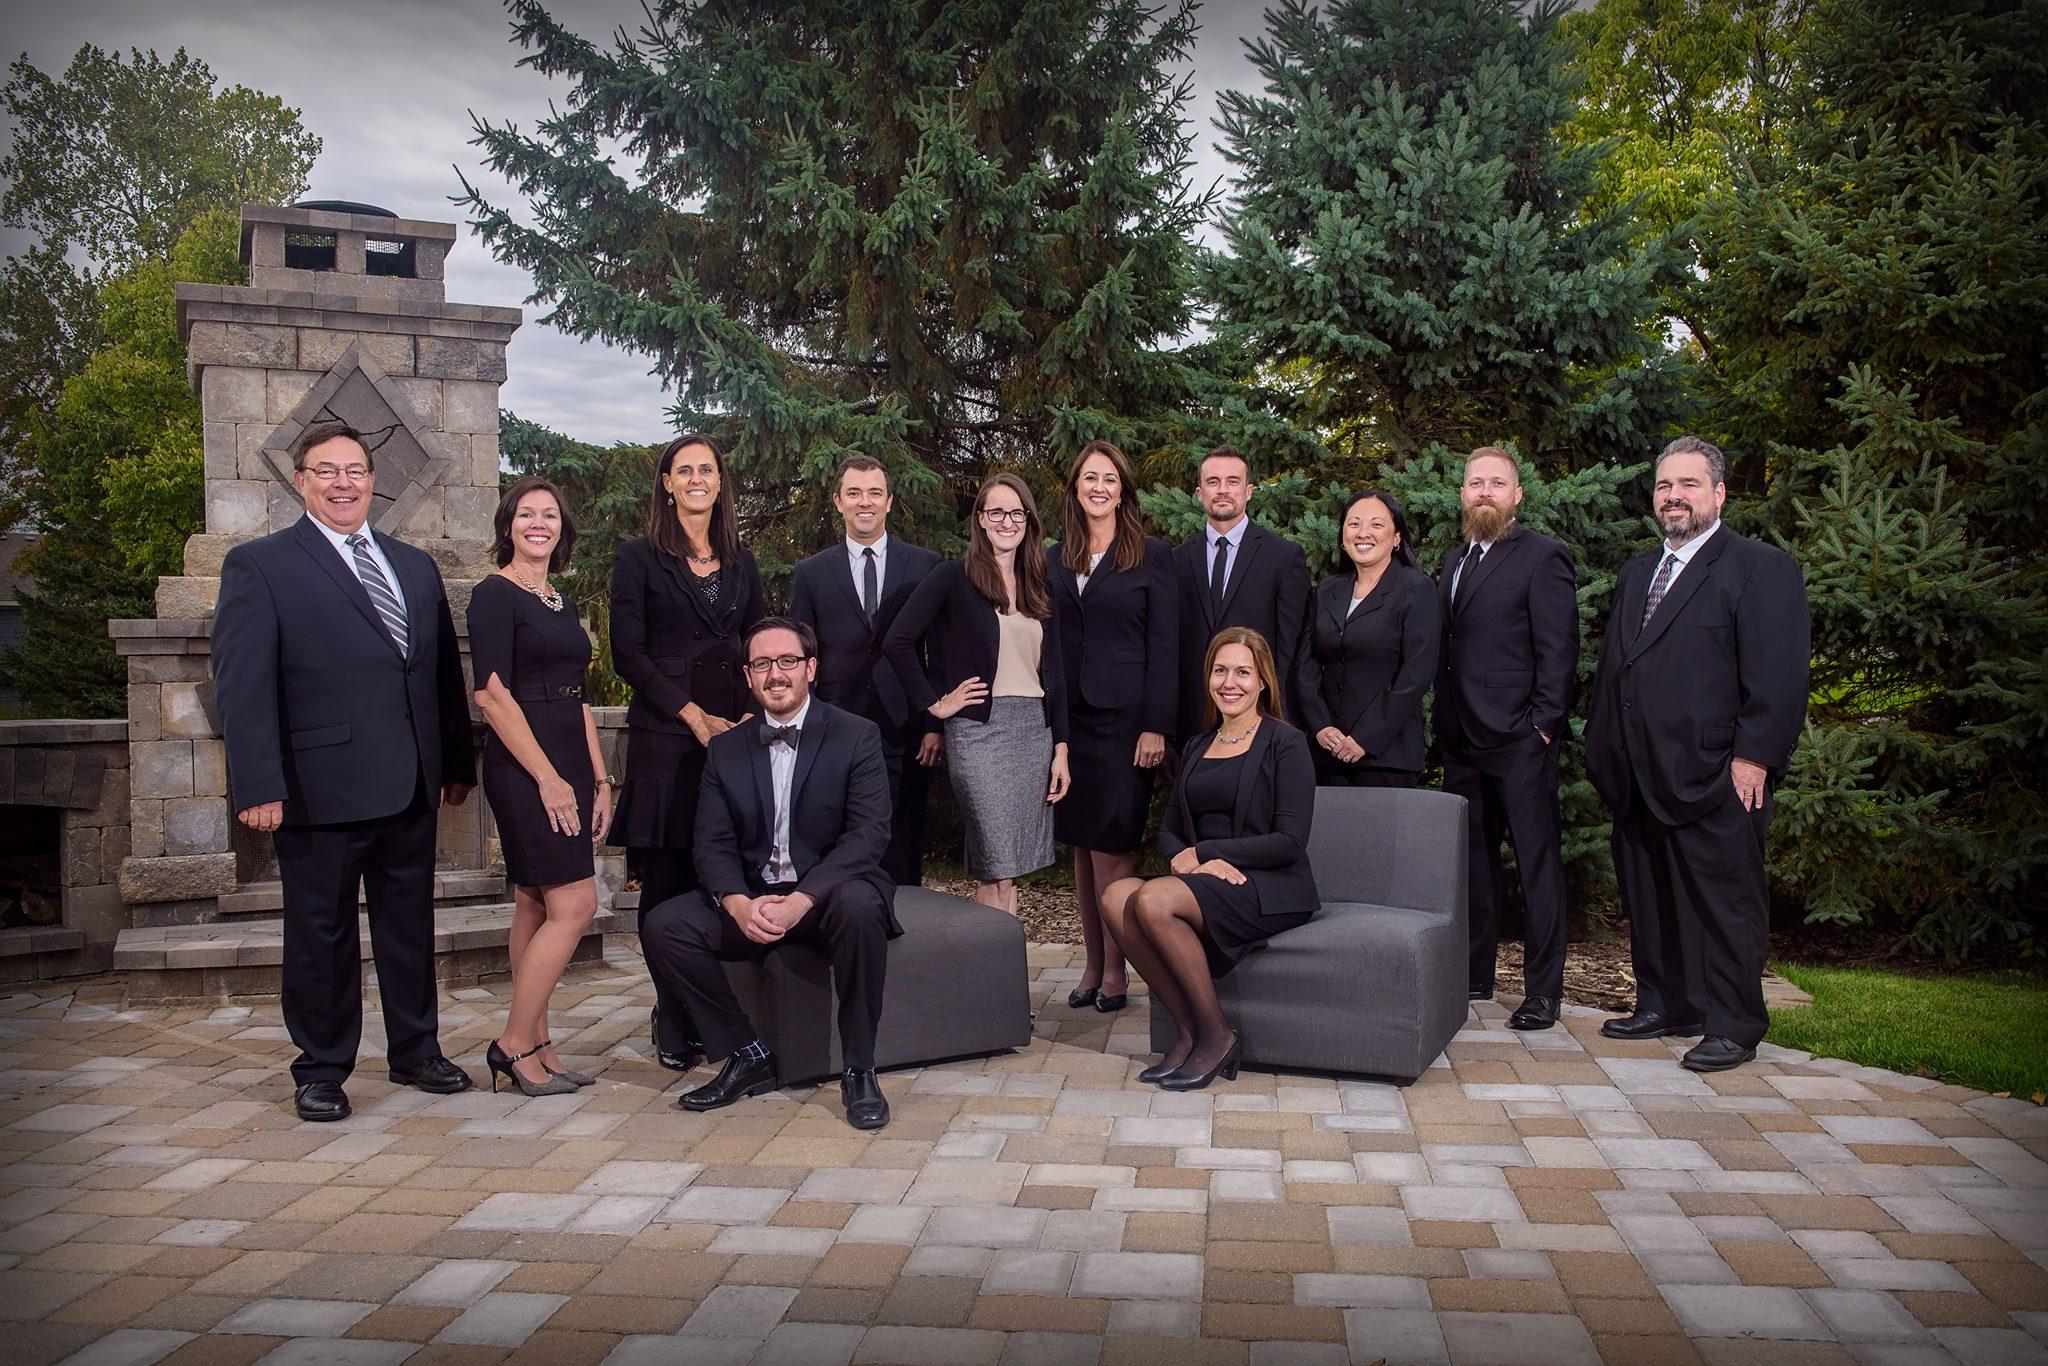 Enclave team photo